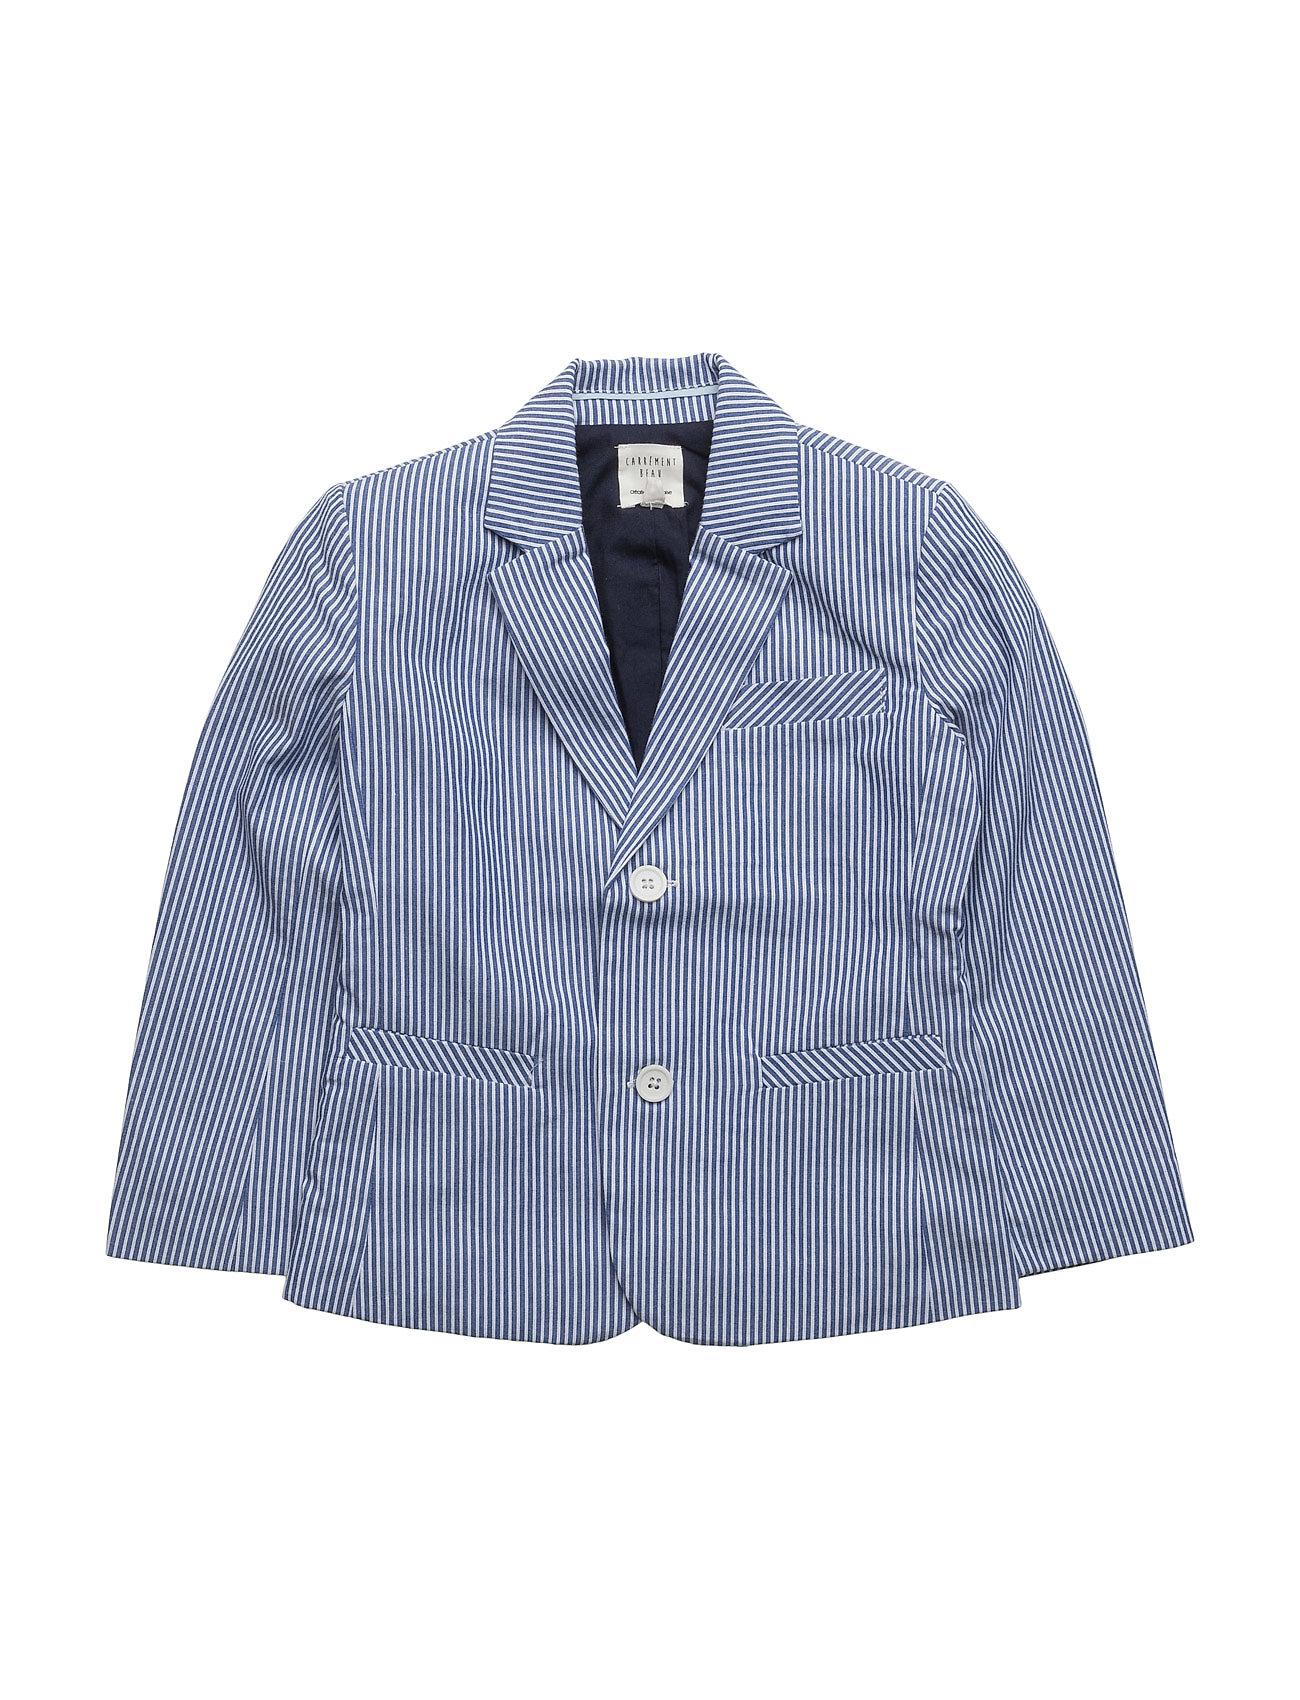 carrã©ment beau – Suit jacket på boozt.com dk